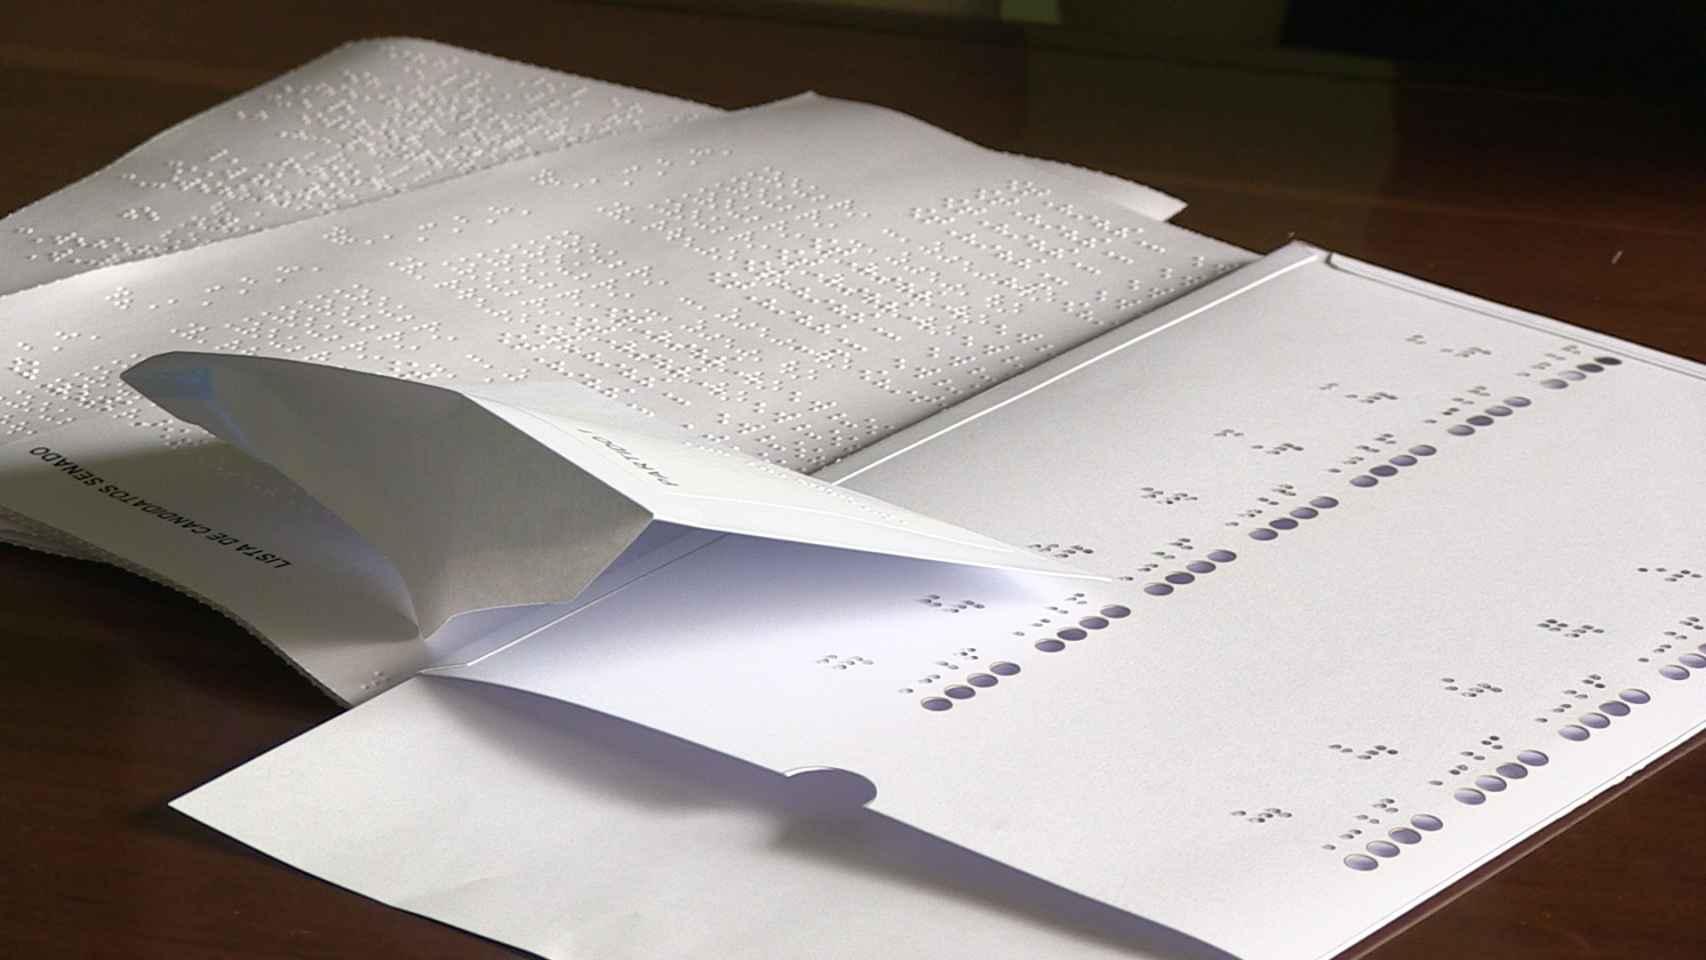 Documentación en braille para la preparación del voto